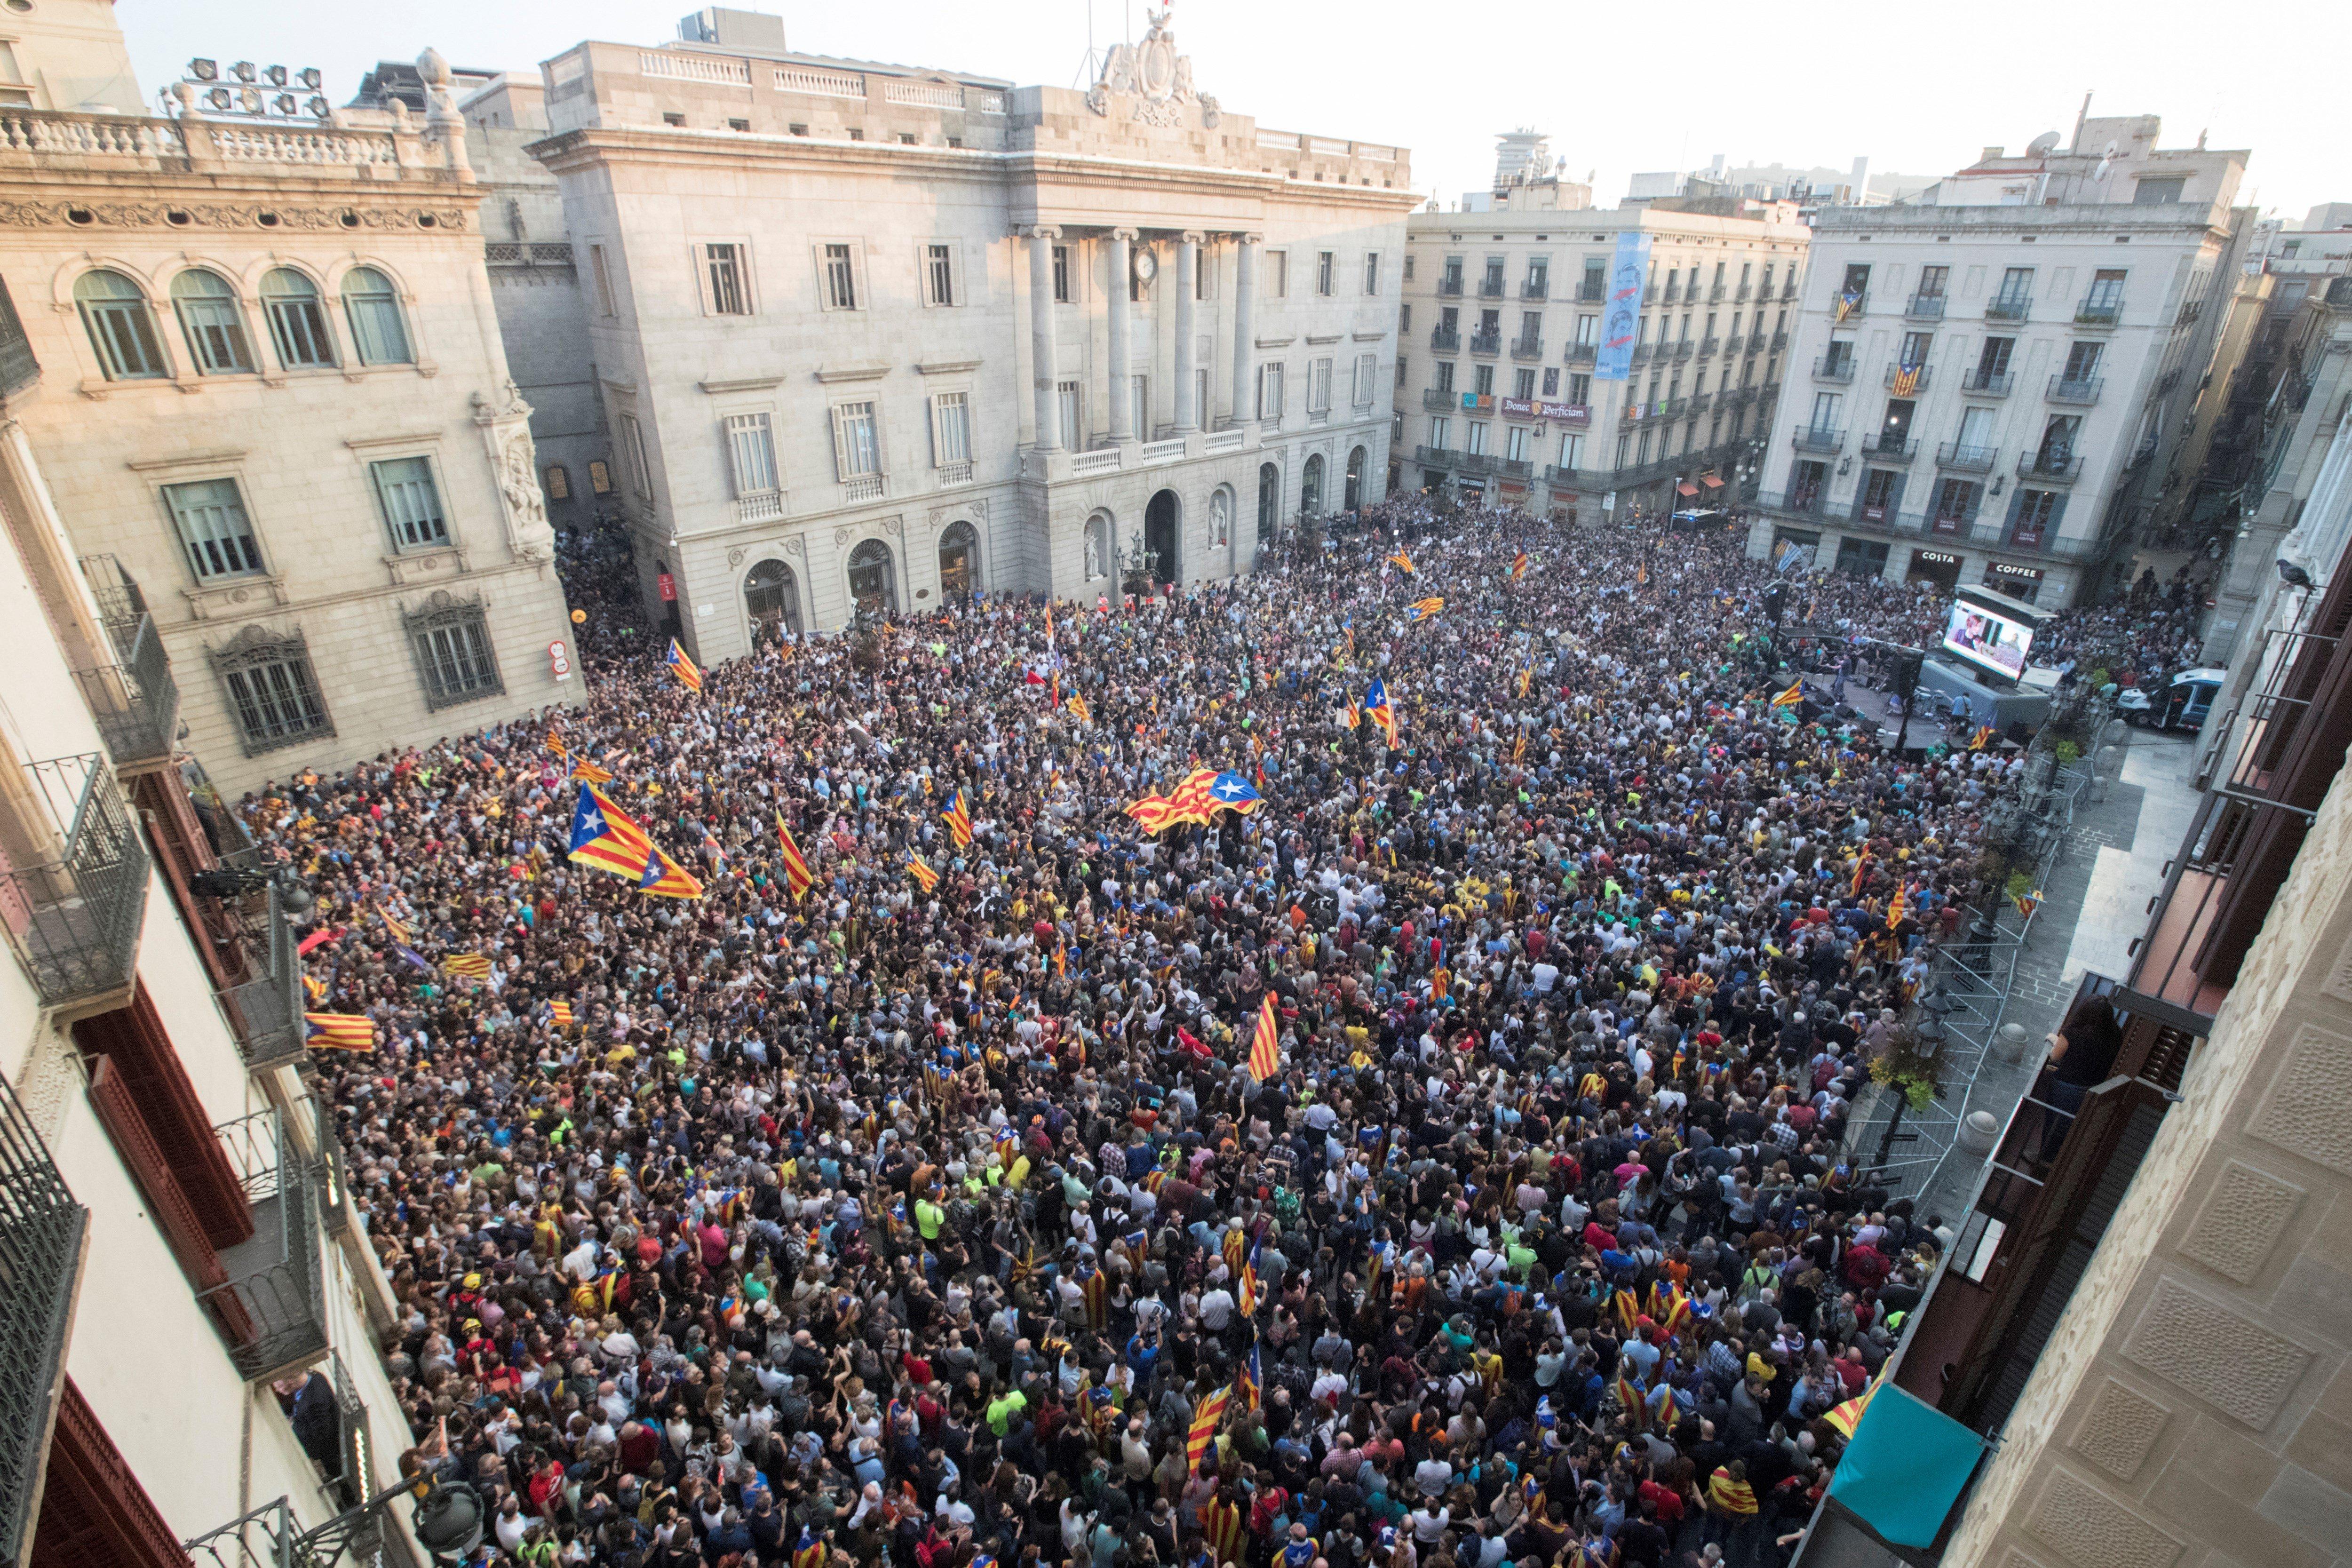 Unes 6.000 persones, segons la Guàrdia Urbana, s'han concentrat aquest divendres a la plaça de Sant Jaume de Barcelona, davant el Palau de la Generalitat, seu del govern català. /EFE